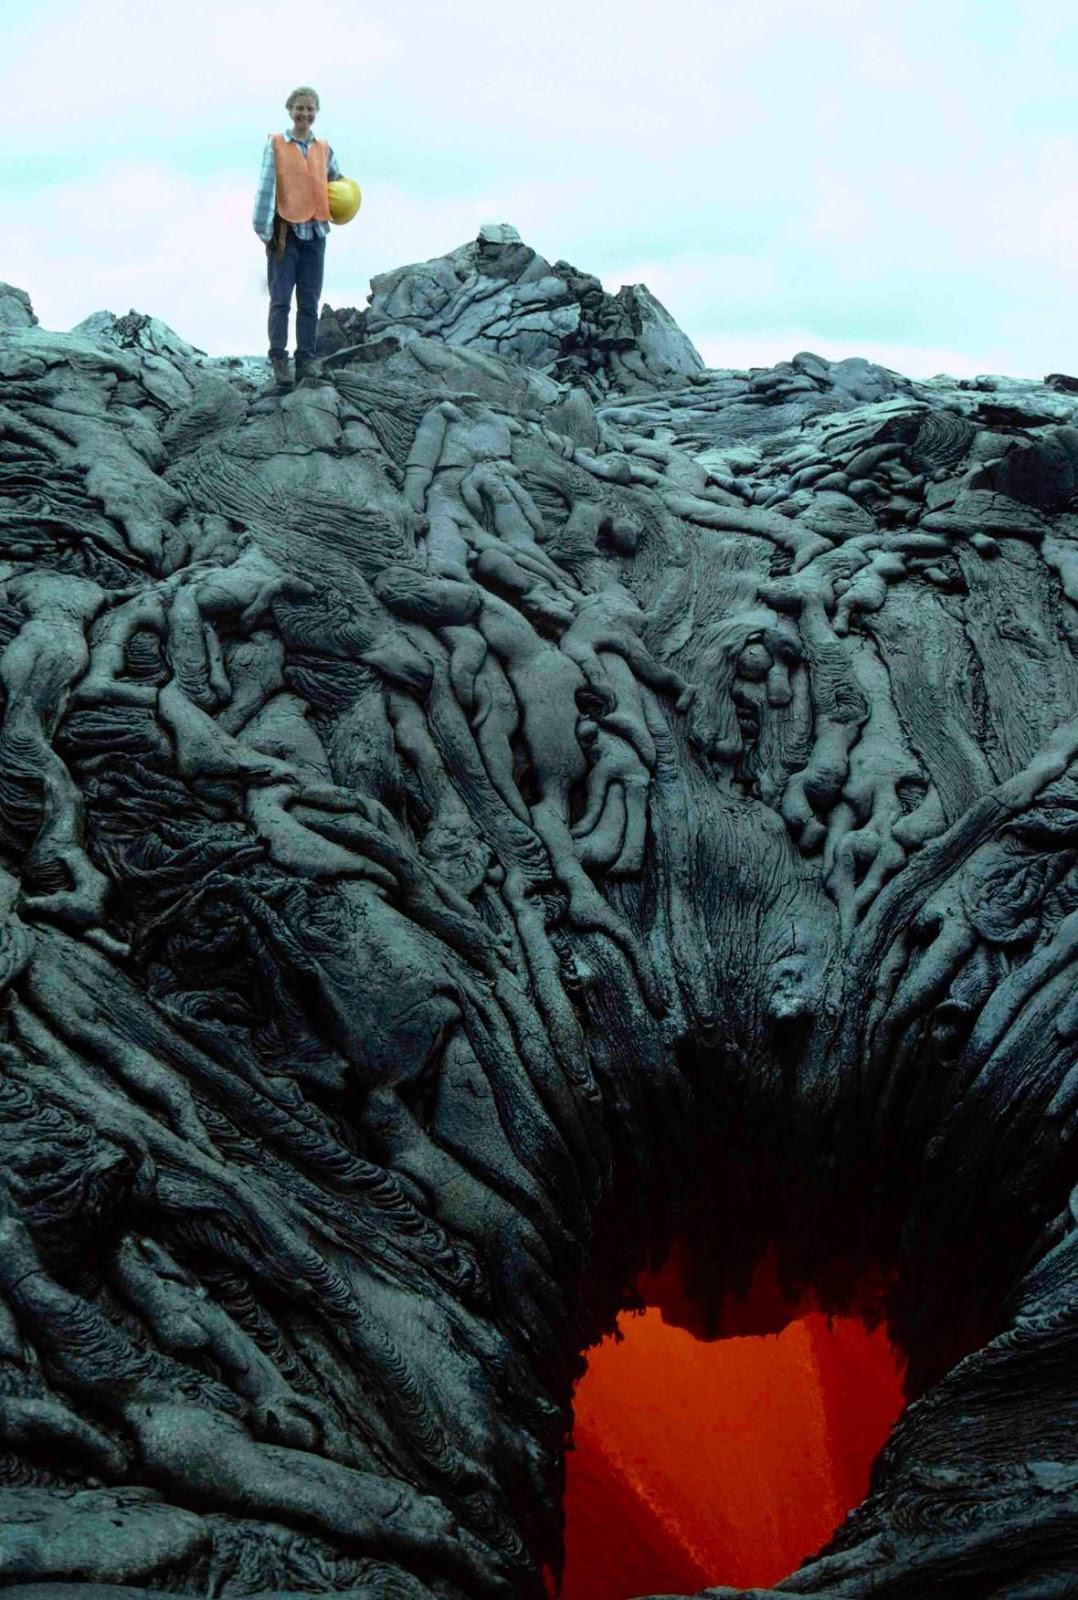 Жерло вулкана выглядит так, будто высасывает души проклятых в ад